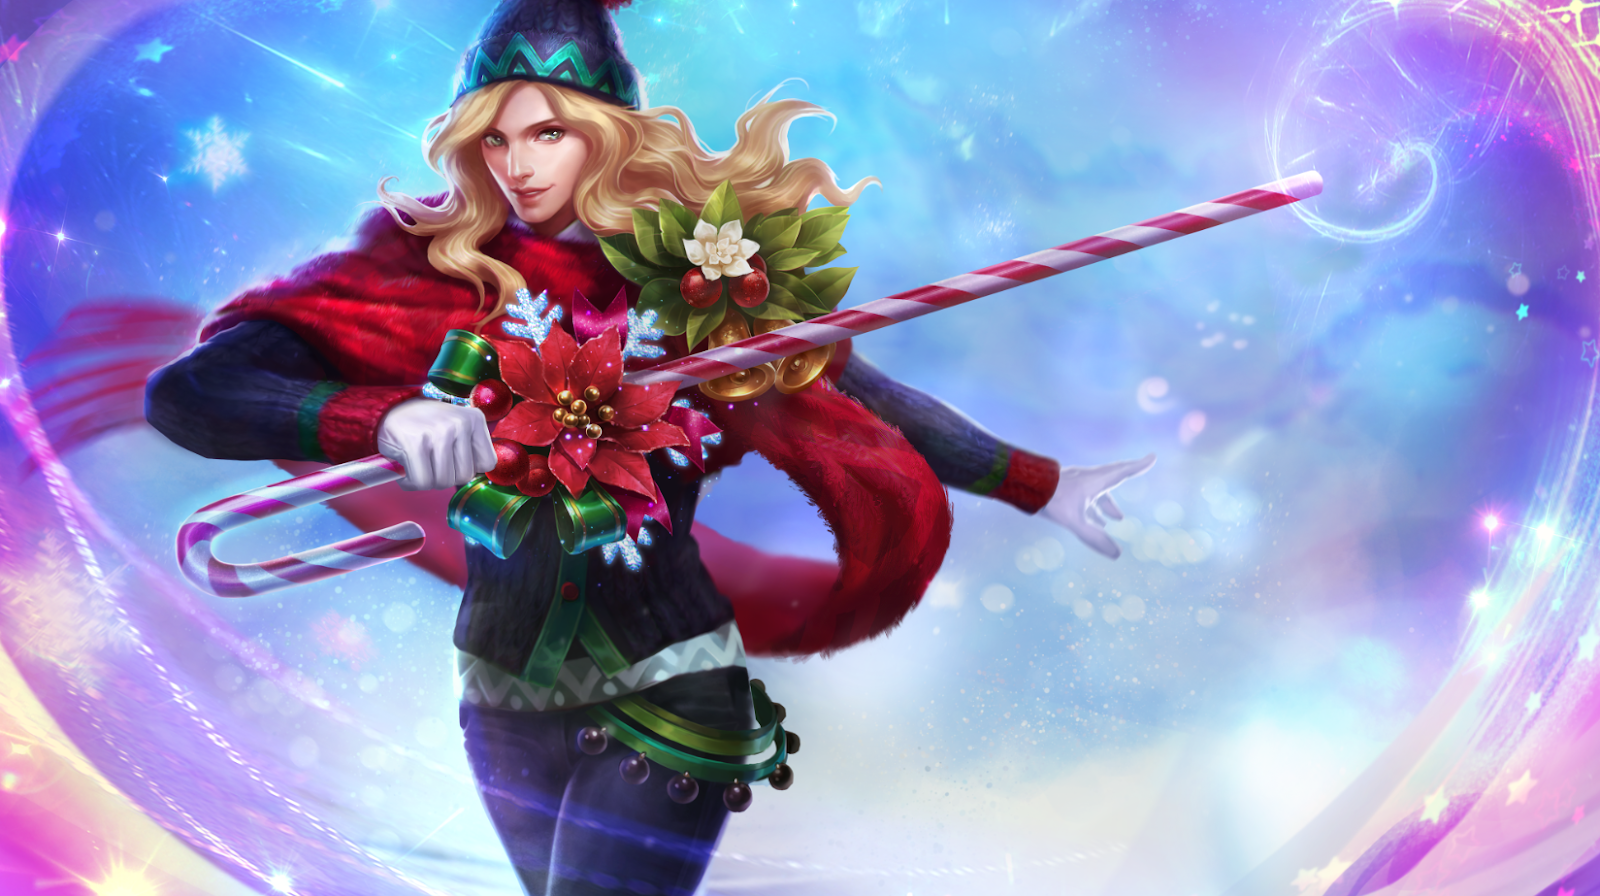 Lancelot Special Skin Christmas Carnival Desain Karakter Game Gambar Naga Gambar